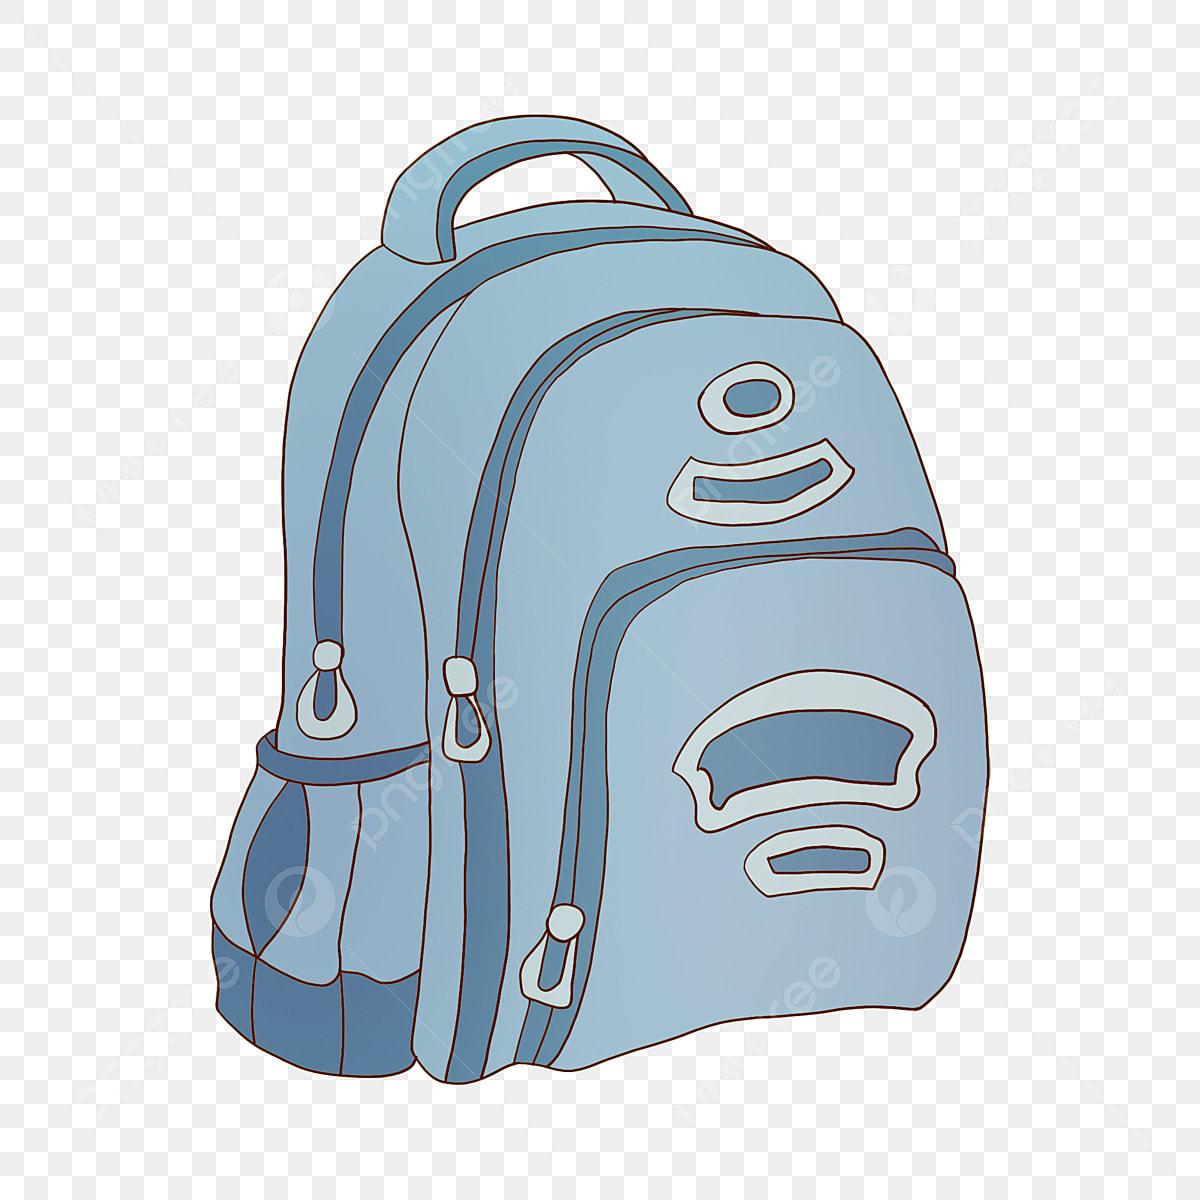 Gambar Beg Sekolah Biru Tas Sekolah Yang Kreatif Beg Sekolah Yang Dicat Beg Sekolah Kartun Beg Sekolah Yang Indah Tas Beg Sekolah Biru Png Dan Psd Untuk Muat Turun Percuma